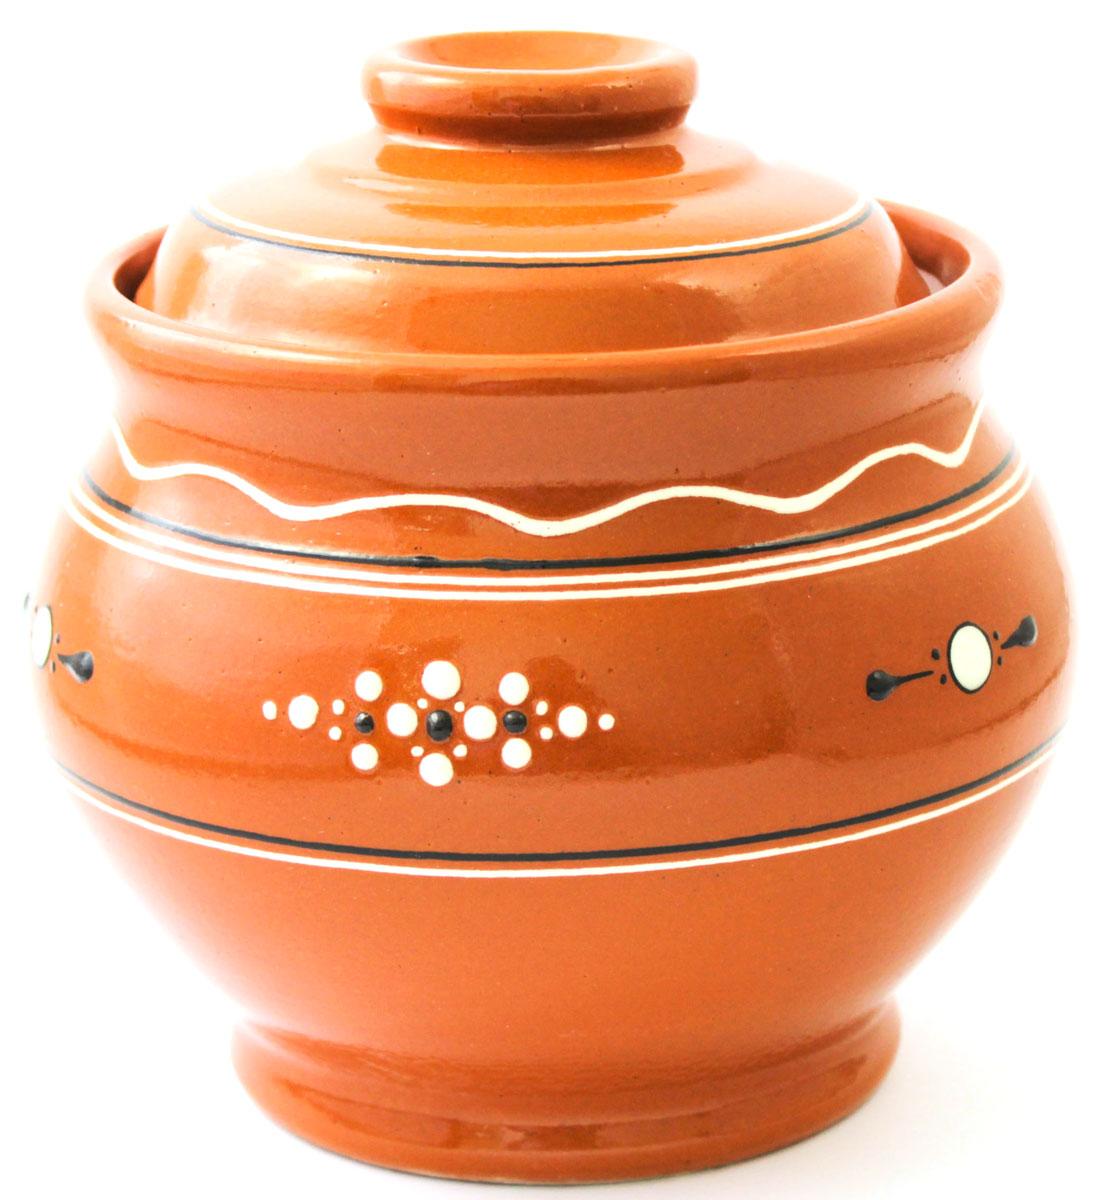 Горшок для запекания Ломоносовская керамика Кашник, с крышкой, 1,8 лЛ0727Горшок для запекания Ломоносовская керамика с крышкой выполнен из высококачественной глины. Уникальные свойства глины и толстые стенки изделия обеспечивают эффект русской печи при приготовлении блюд. Блюда, приготовленные в керамическом горшке, получаются нежными исочными. Вы сможете приготовить мясо, сделать томленые овощи и все это без капли масла. Этоодин из самых здоровых способов готовки.